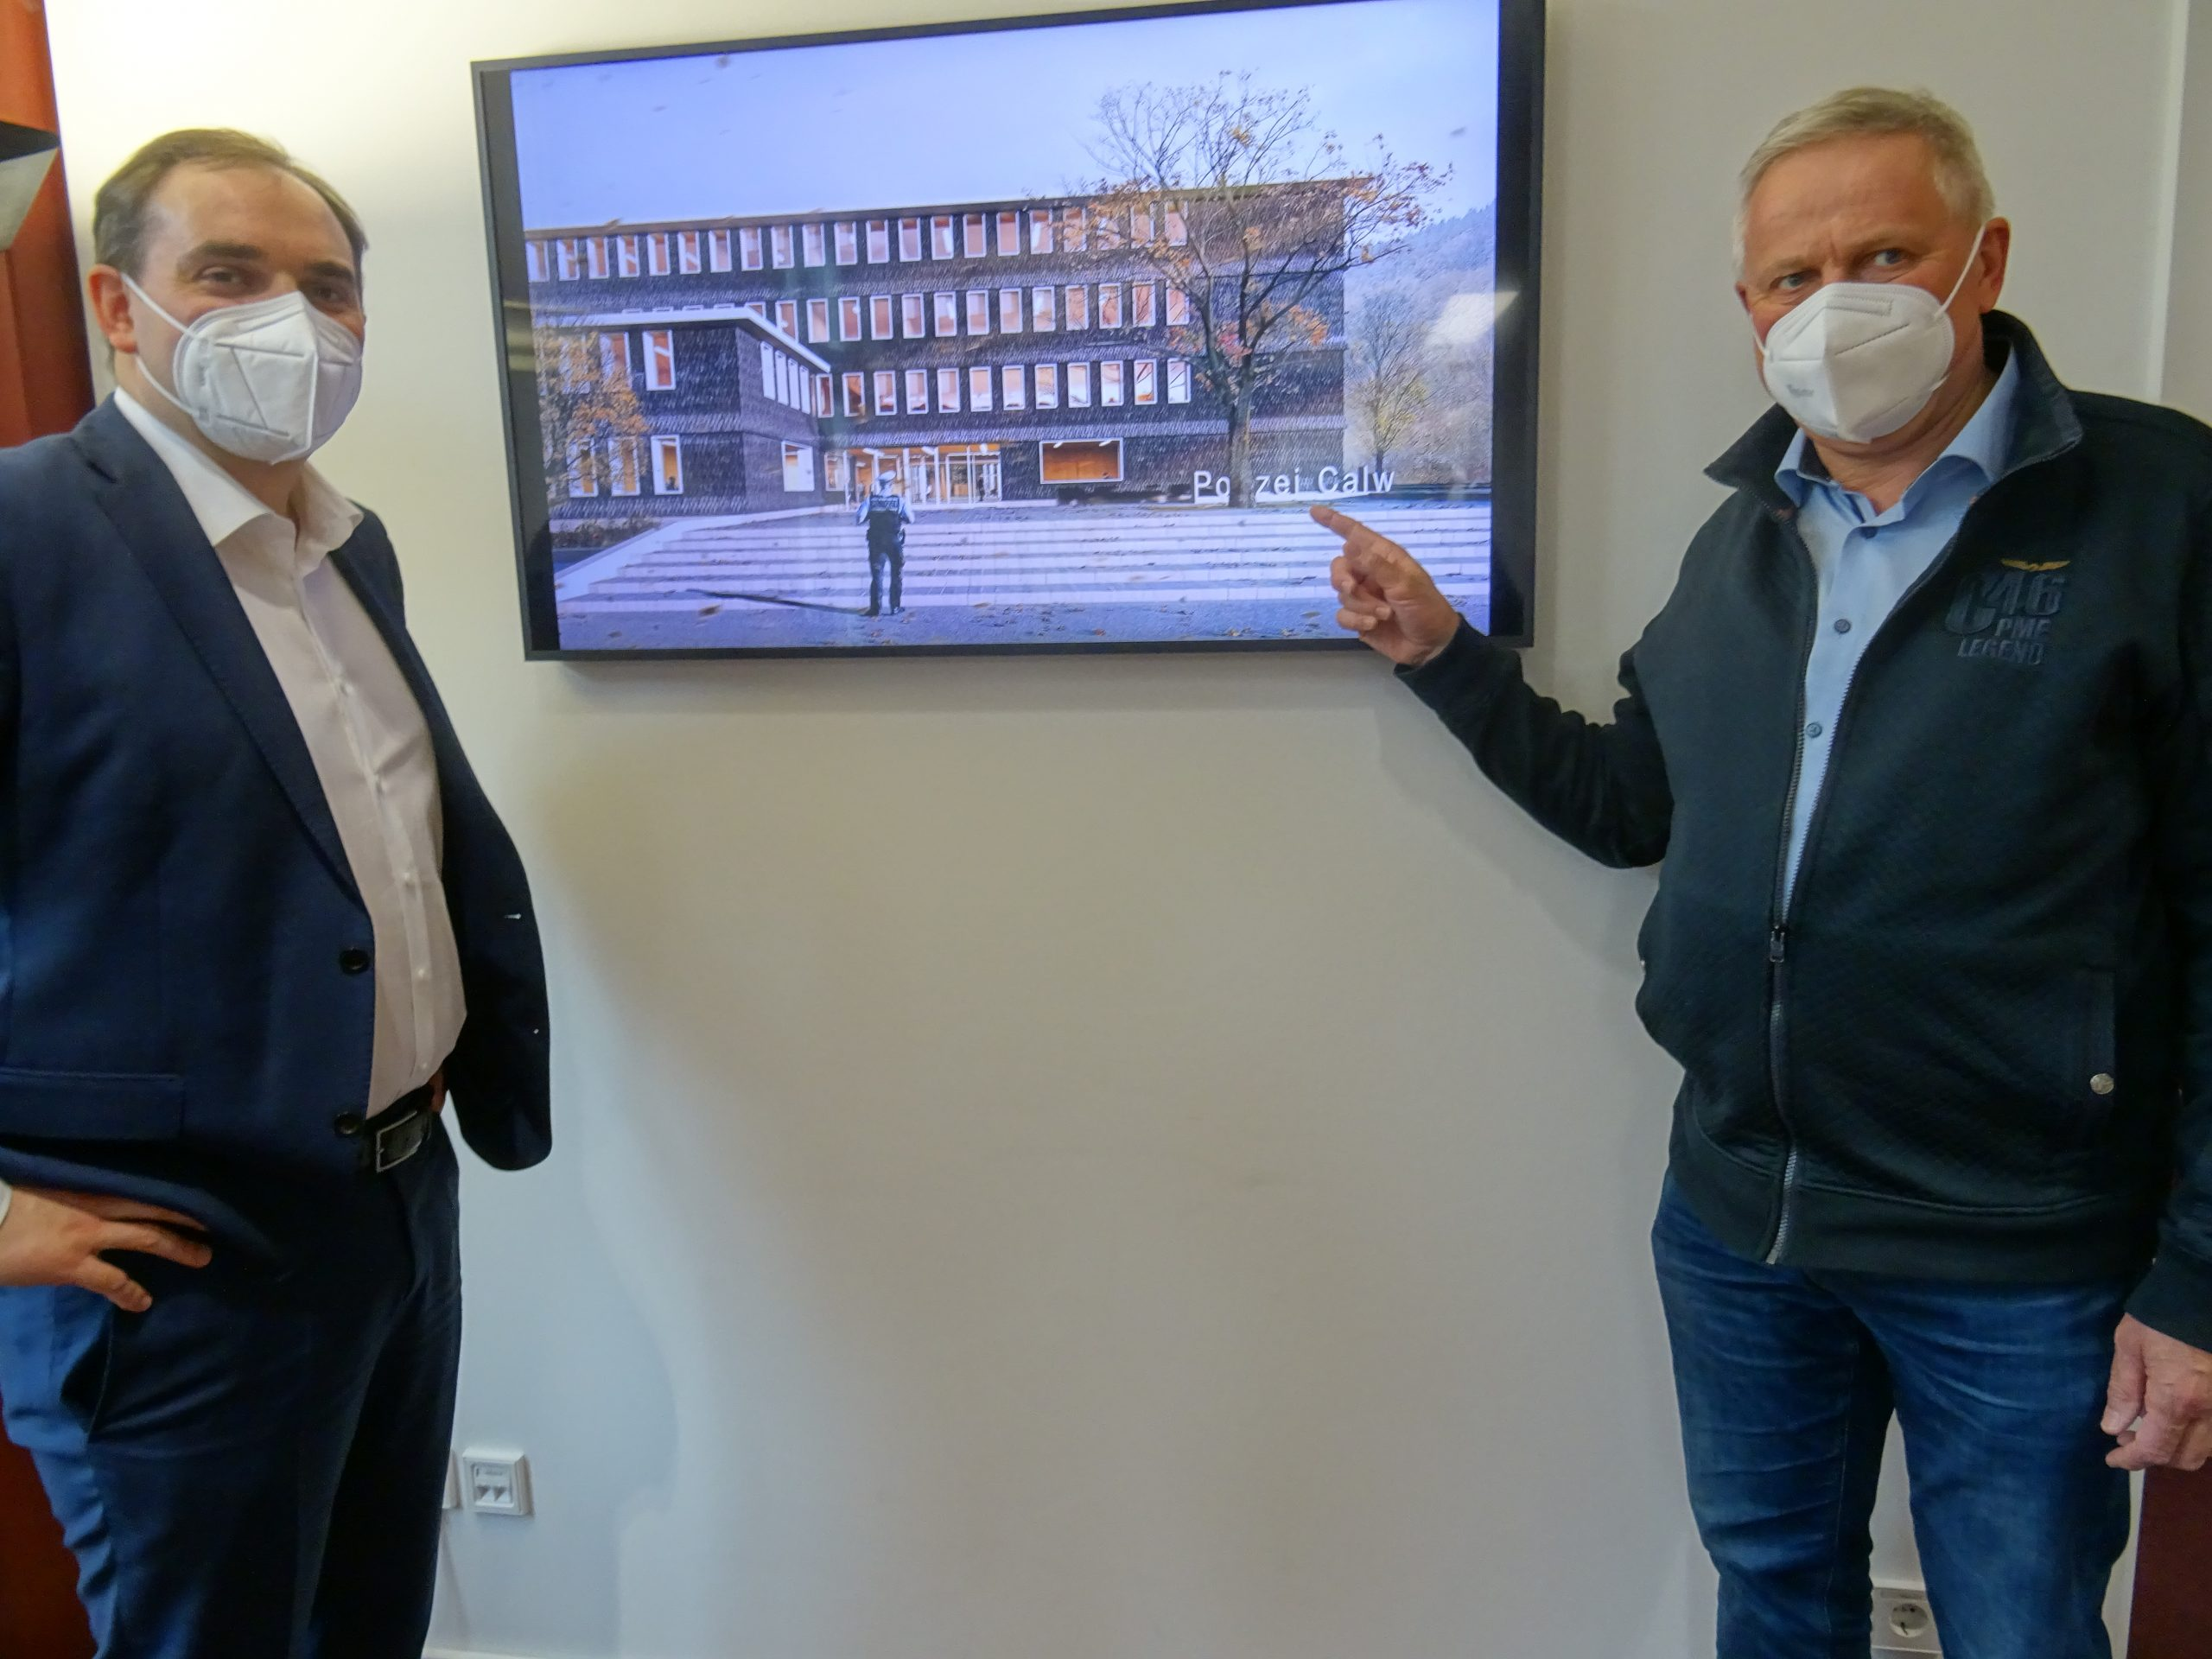 Oberbürgermeister Kling stellt Thomas Blenke Entwurf für Polizeigebäude vor